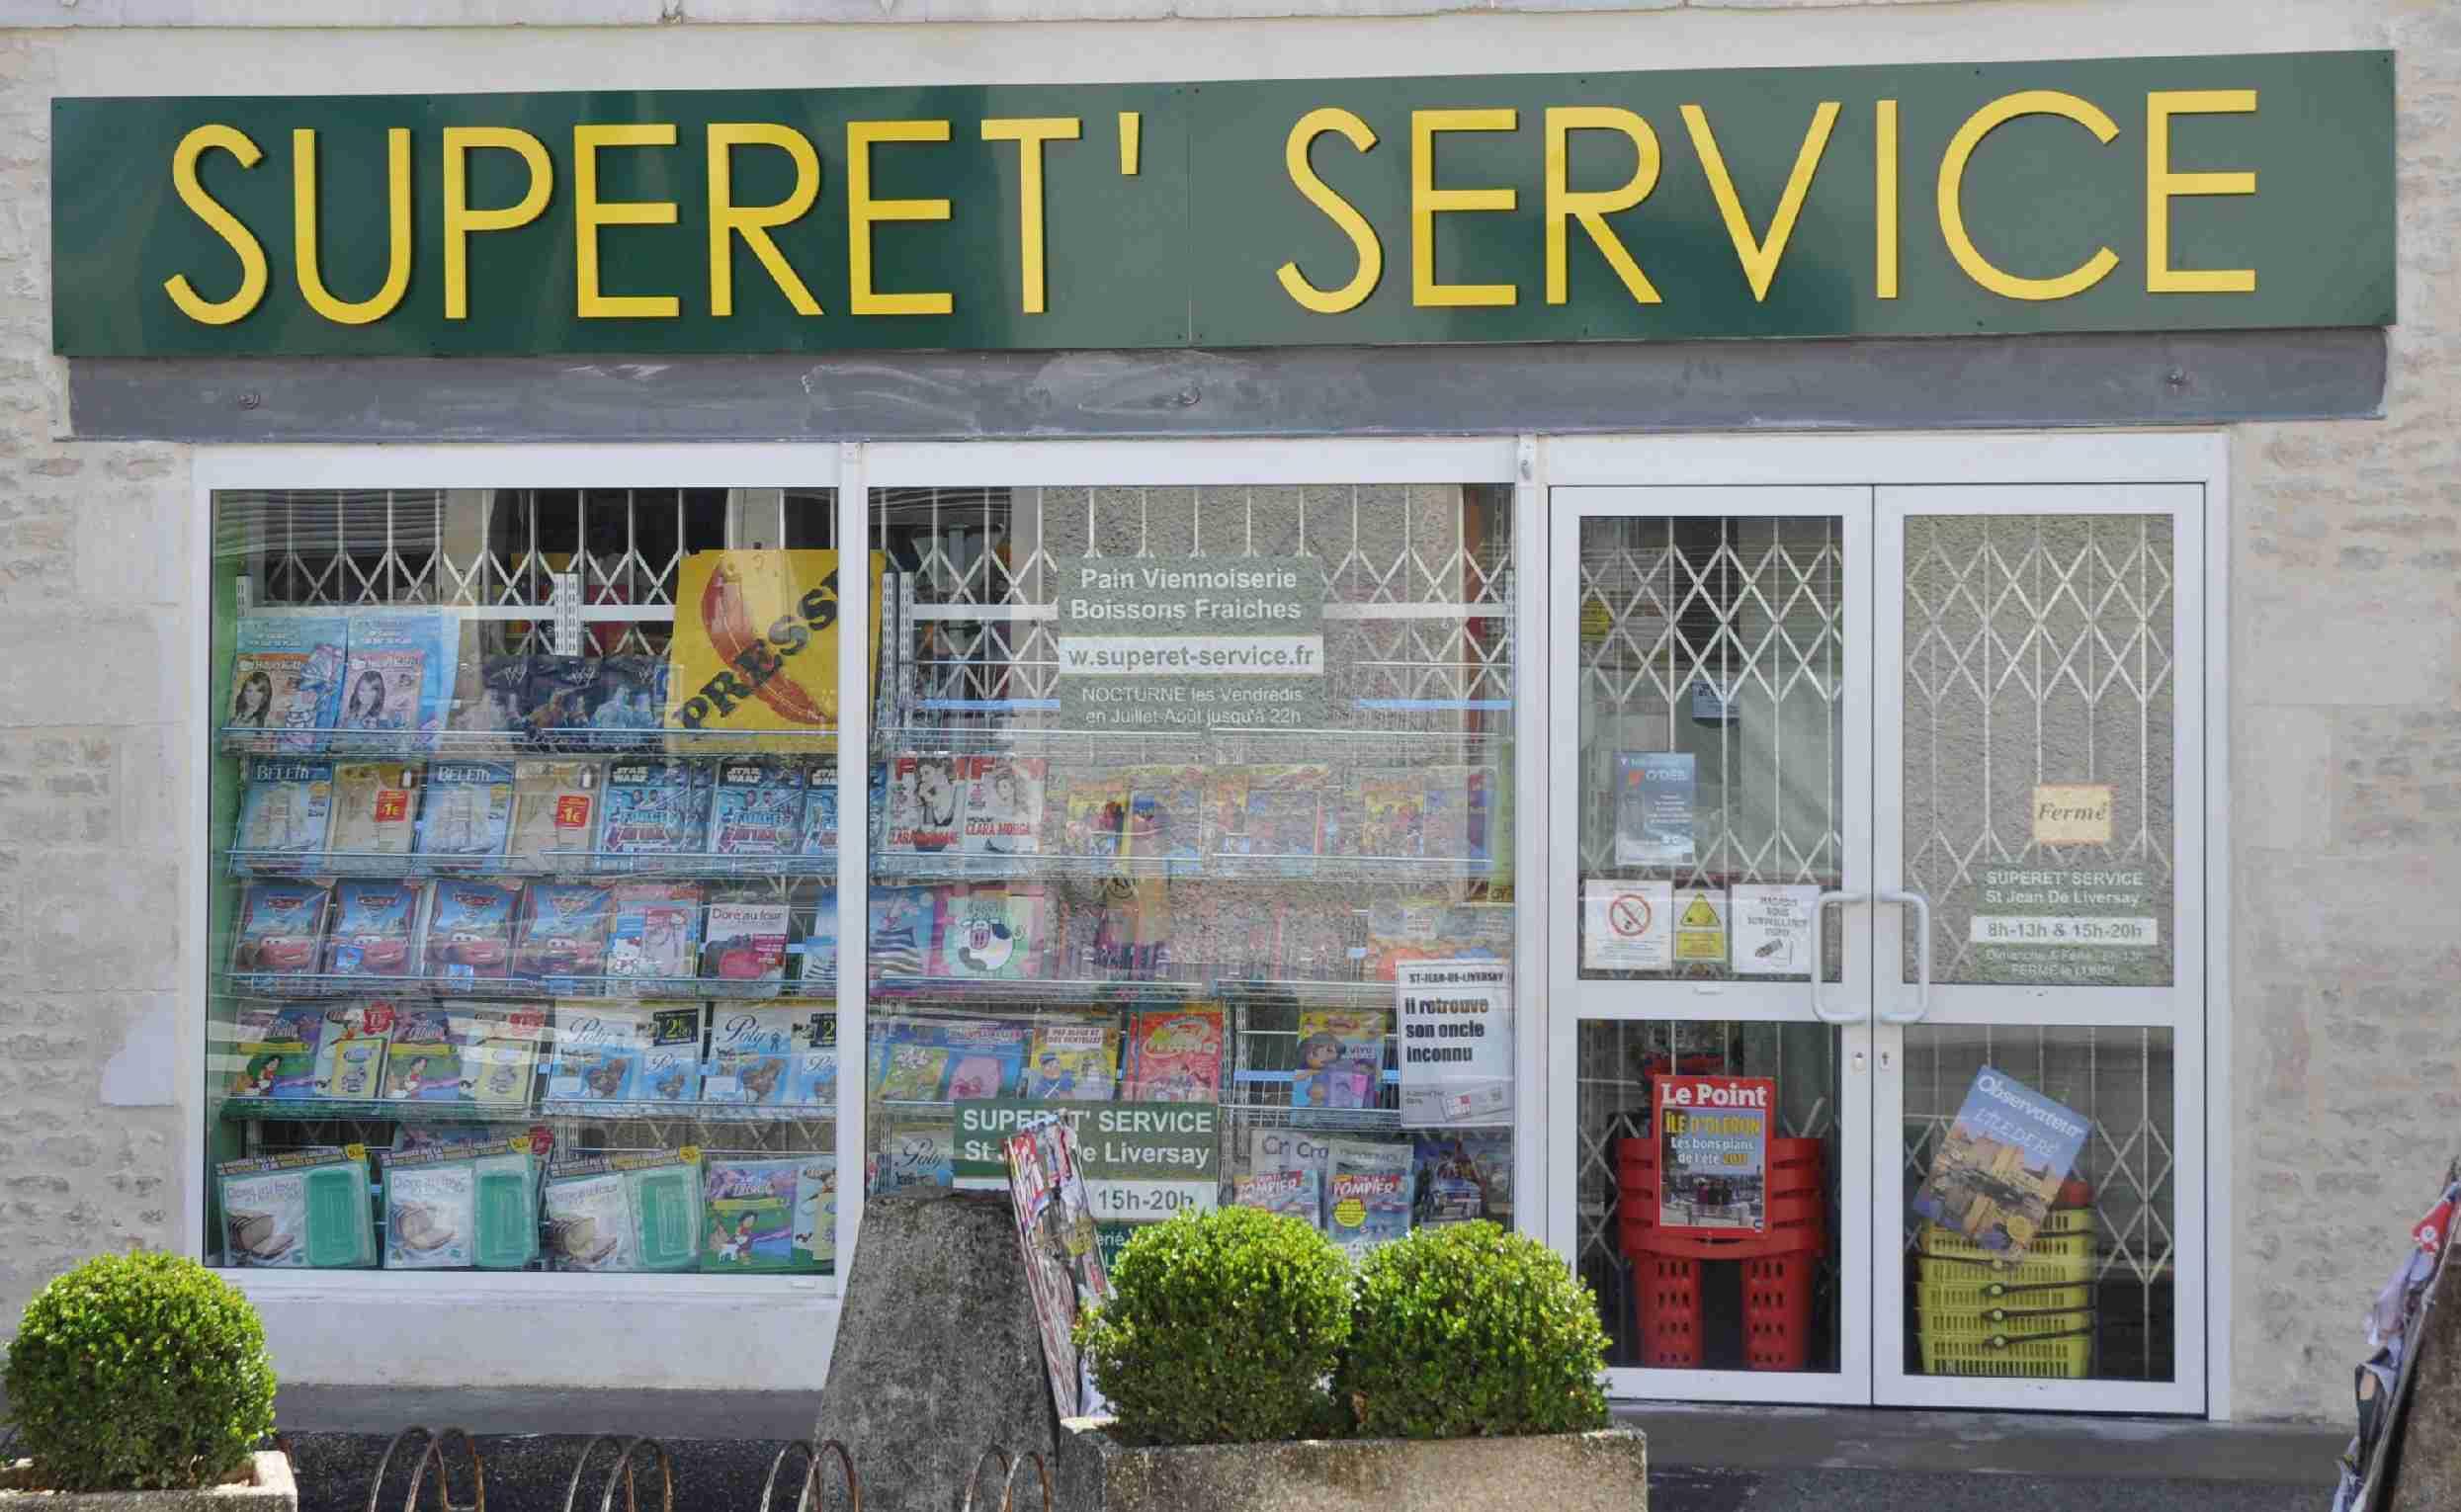 Superet service saint jean de liversay superette tabac